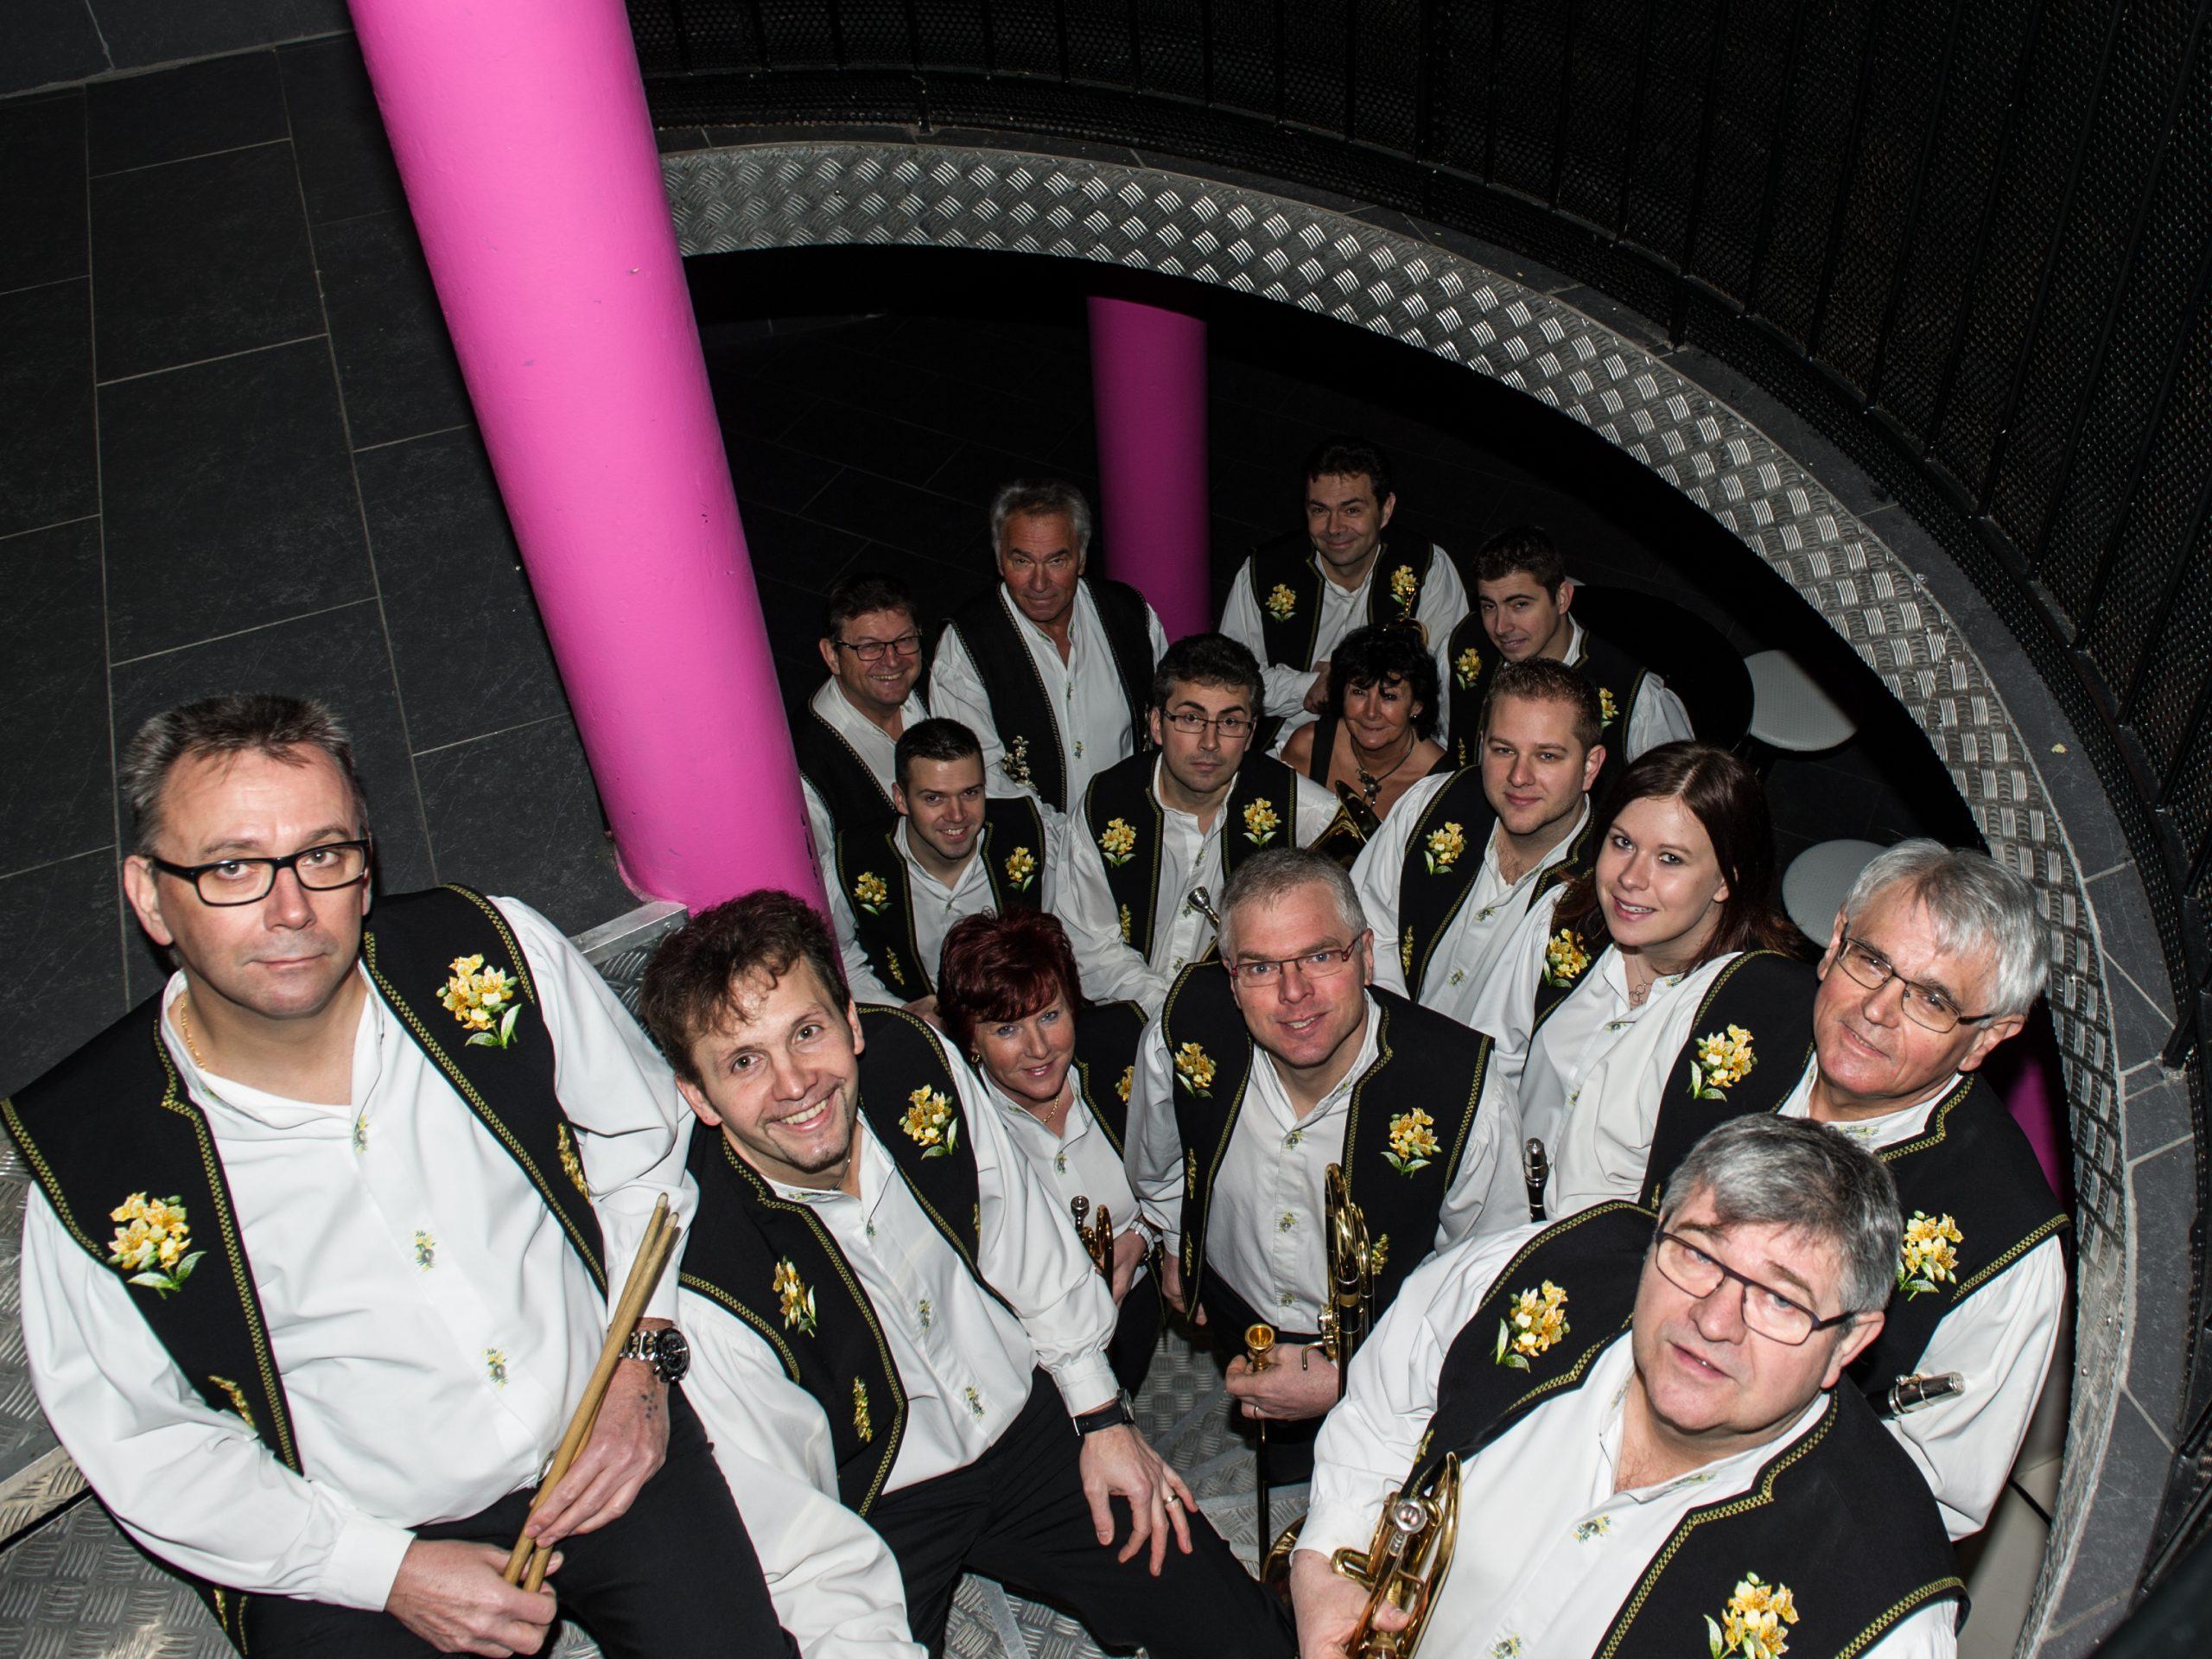 Concert de musique alsacienne D'Surburjer Harzwuet